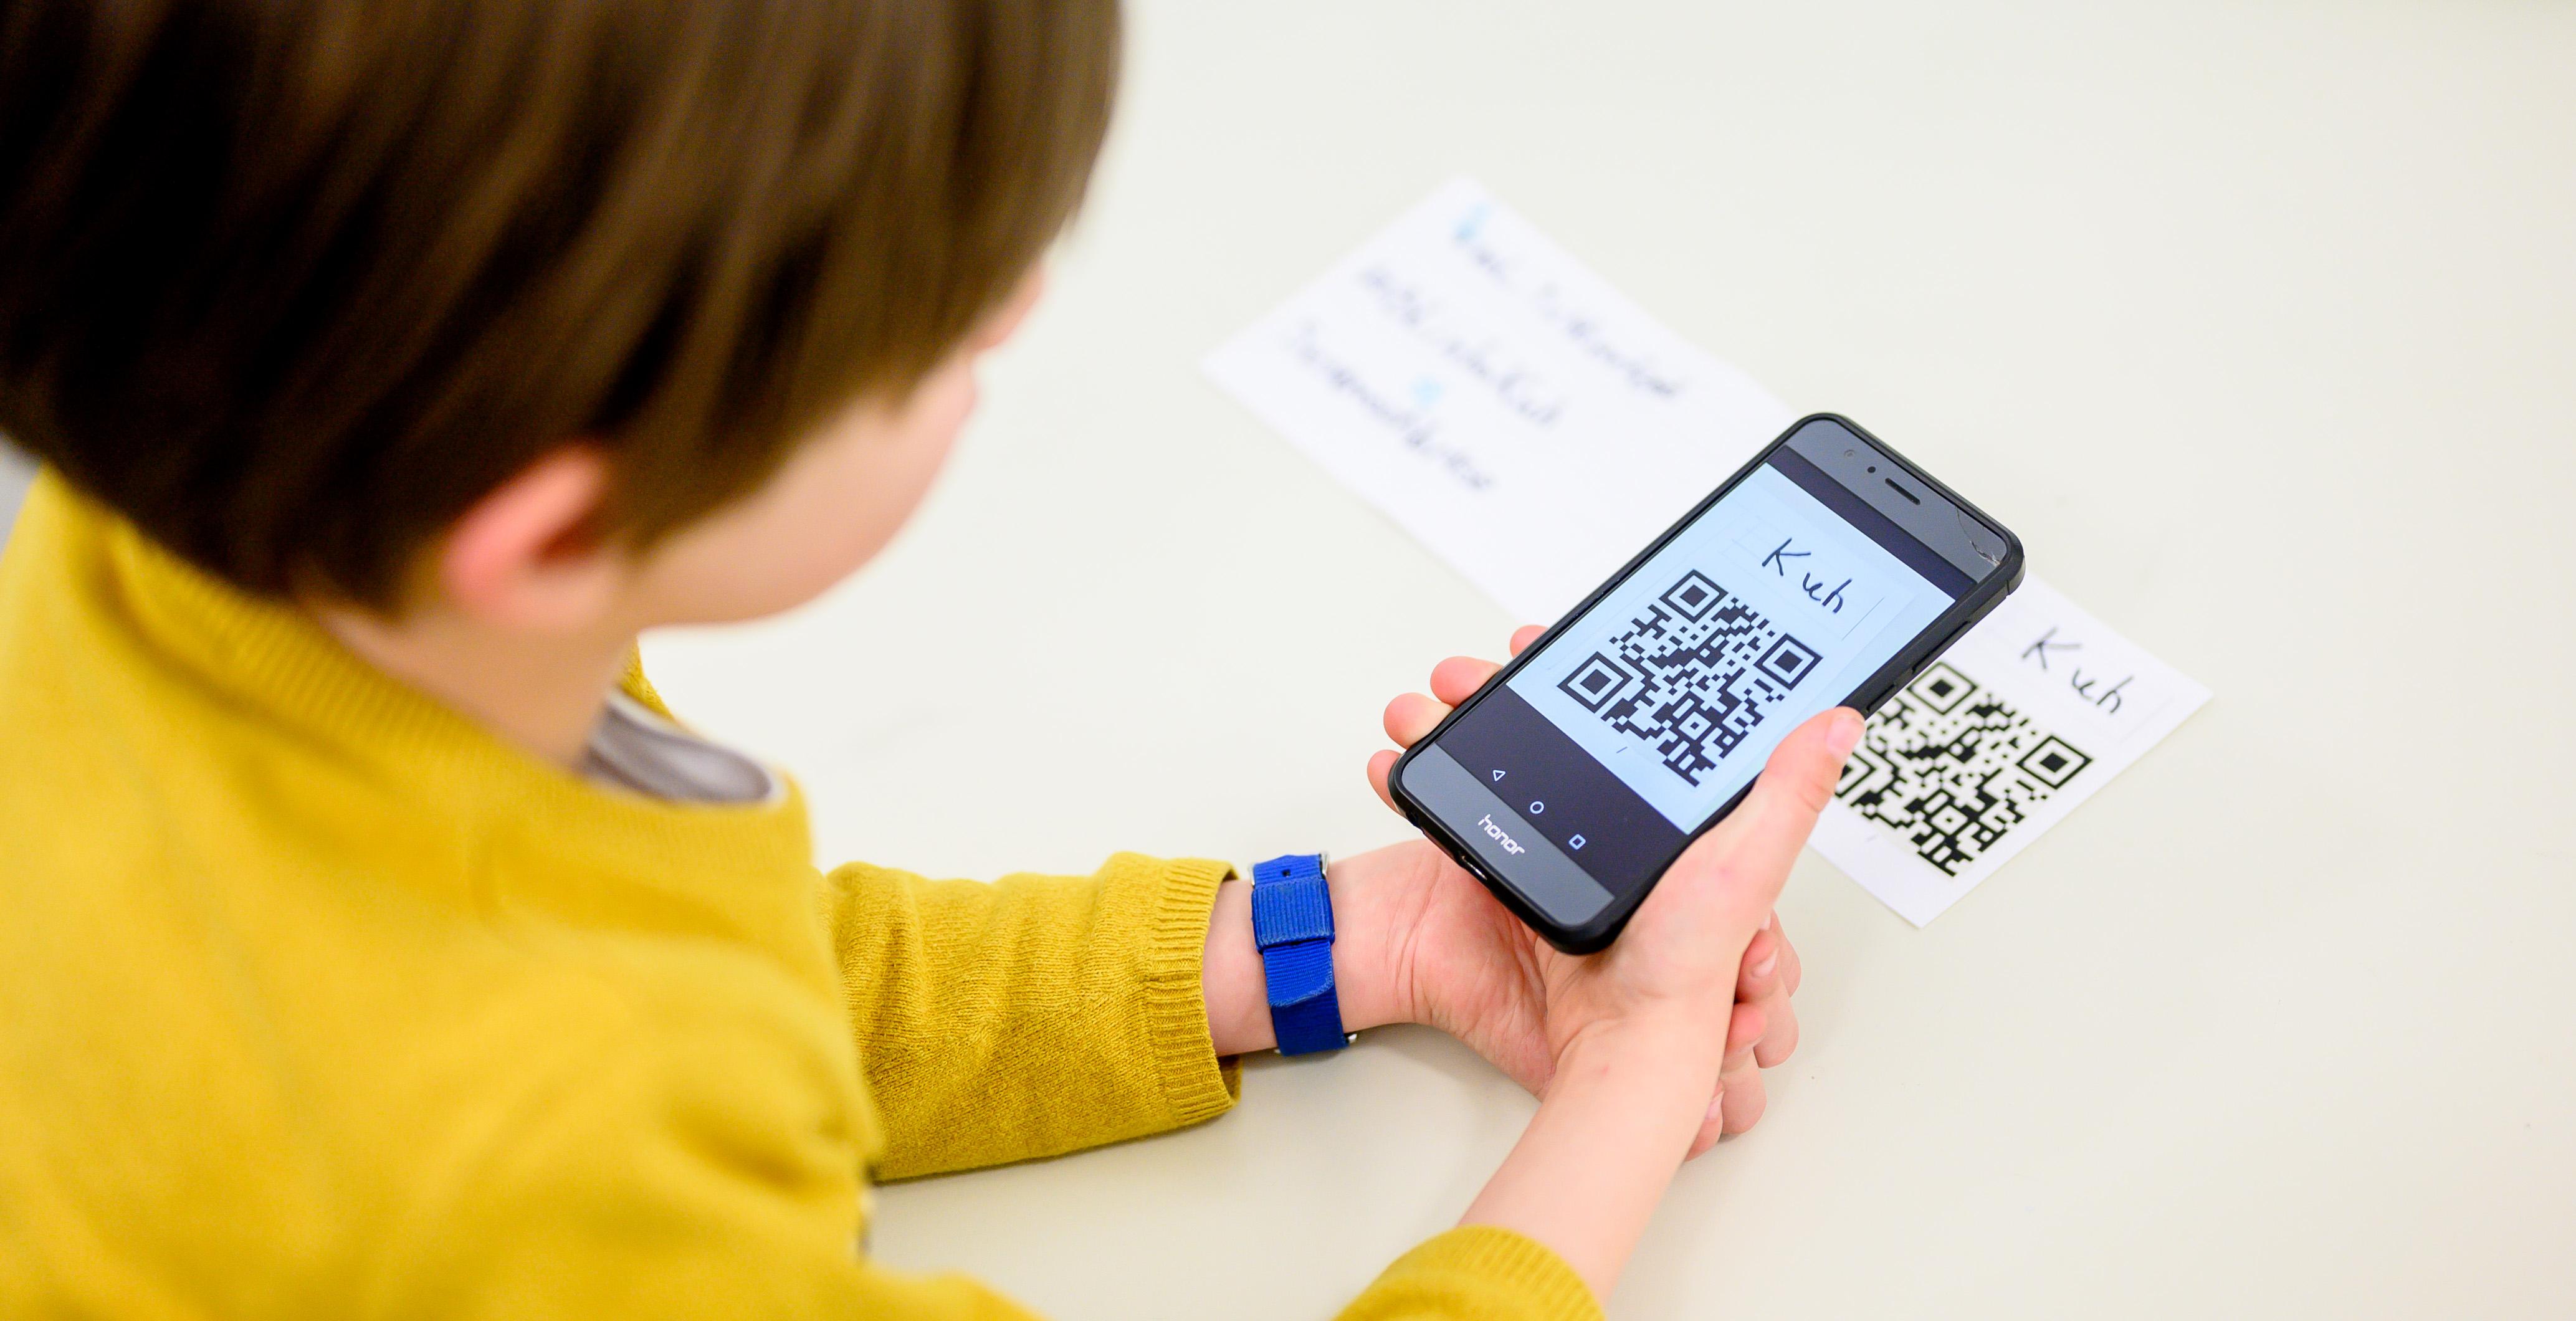 DigiBitS - Digitale Bildung trifft Schule, stellt Materialien, Tipps und Tools für die digitale Unterrichtsgestaltung bereit